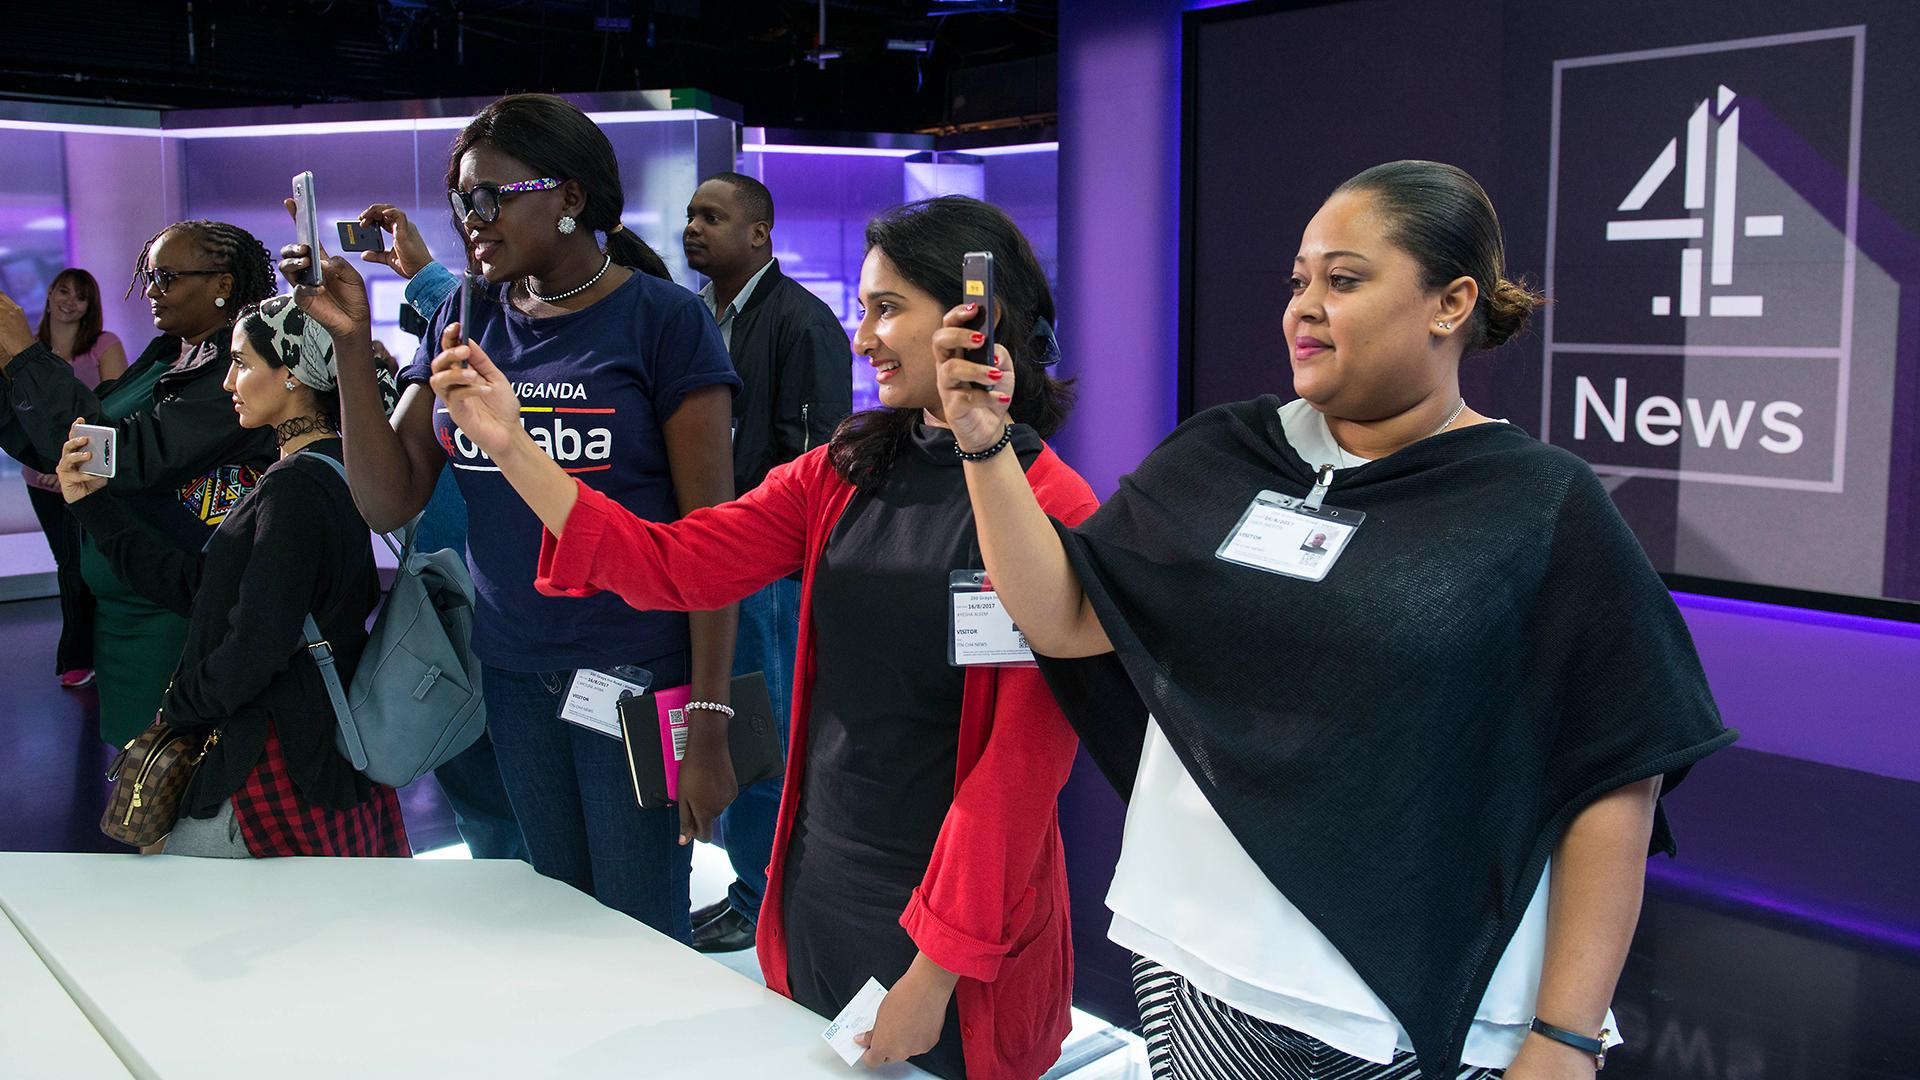 Thomson Foundations' Elizabeth R Media Fund: Commonwealth Digital Challenge 2017